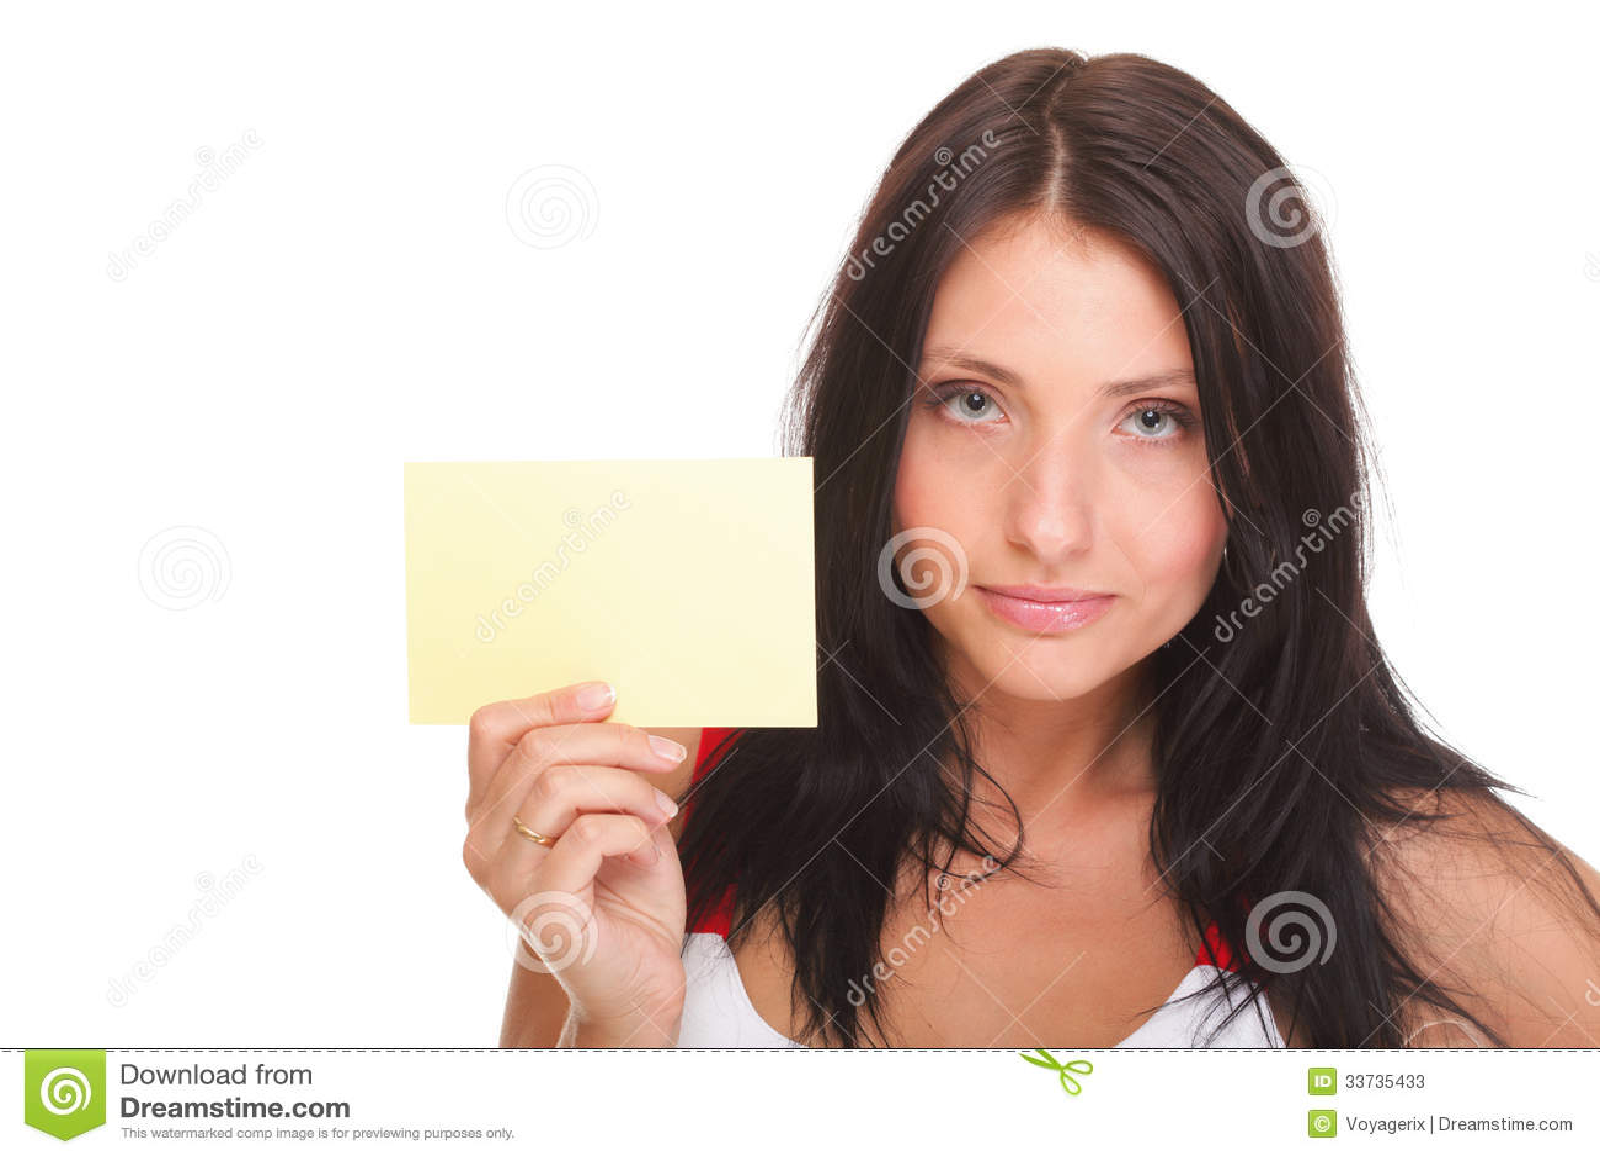 Карточка подарка. Excited женщина показывая пустой знак карточки чистого листа бумаги